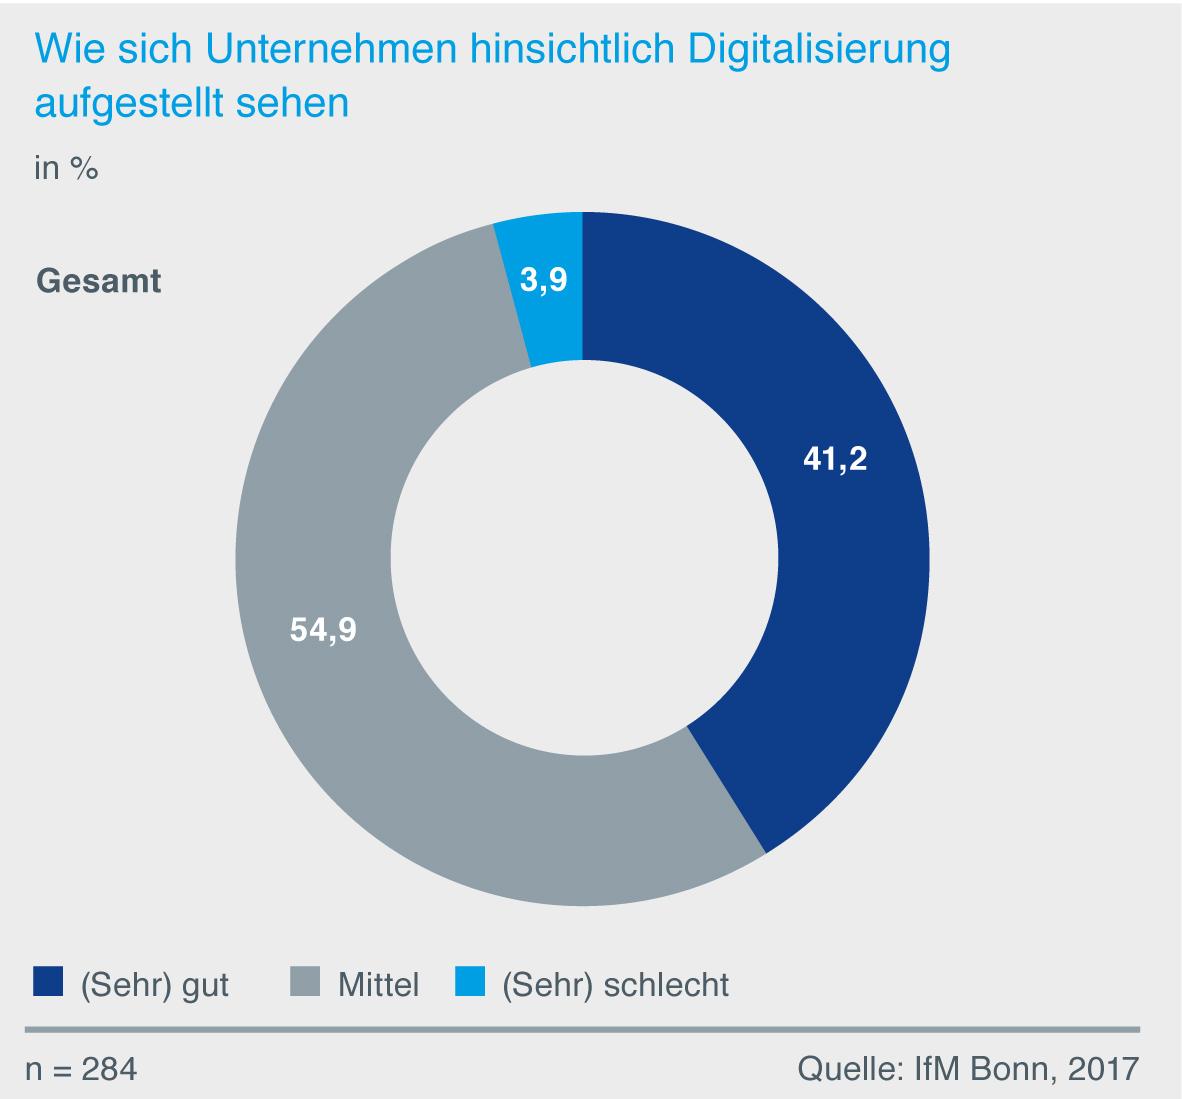 Digitalisierung: Weniger als die Hälfte sieht sich gut aufgestellt